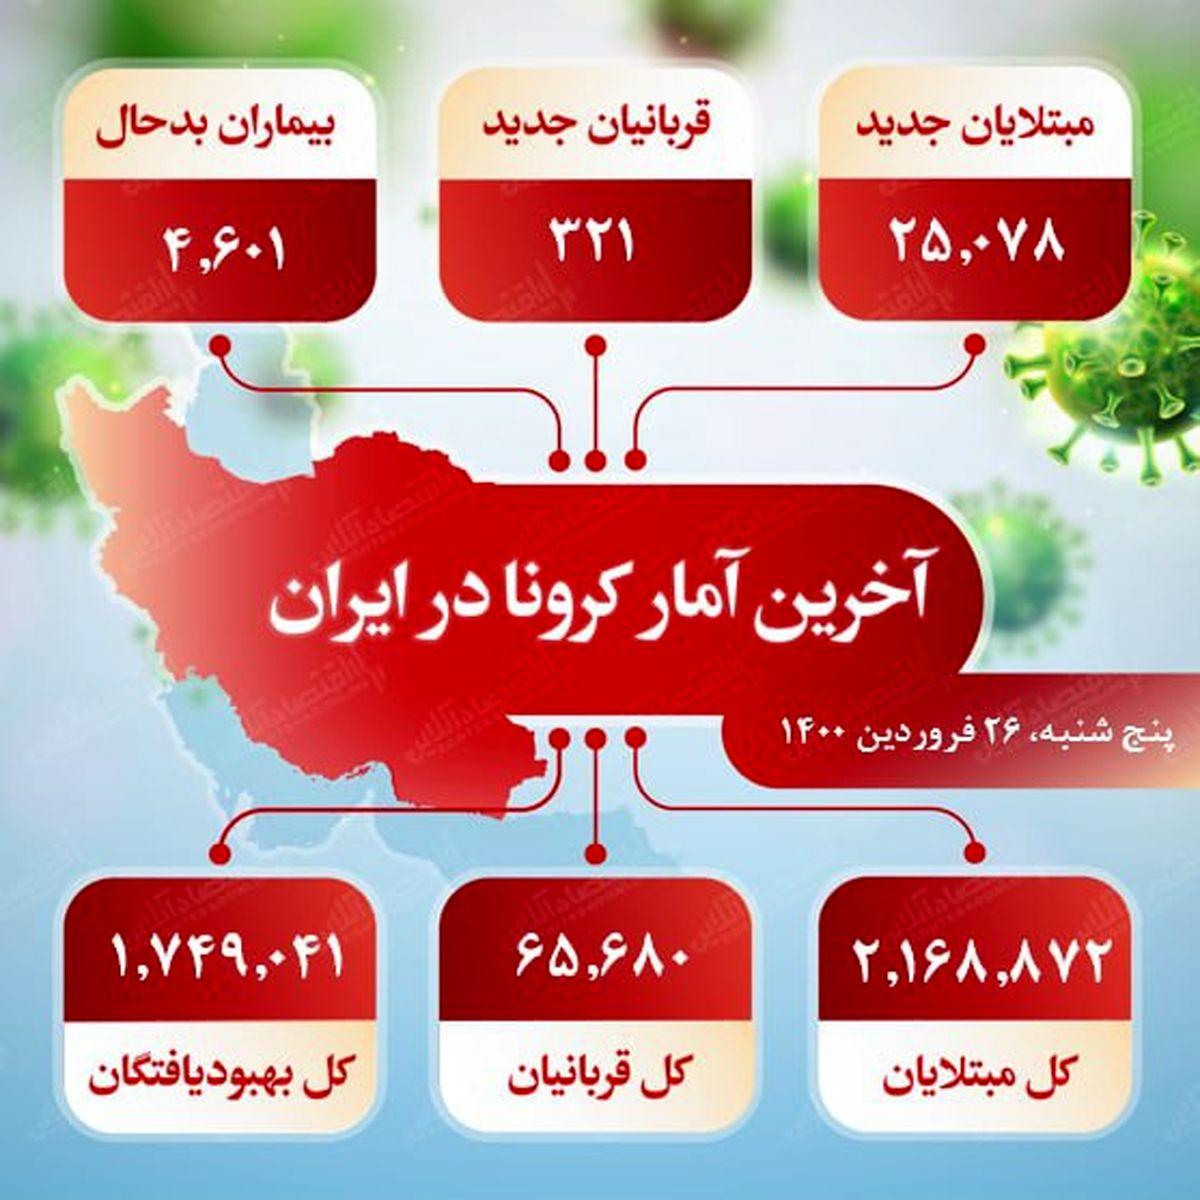 آخرین آمار کرونا در ایران (۱۴۰۰/۱/۲۶)